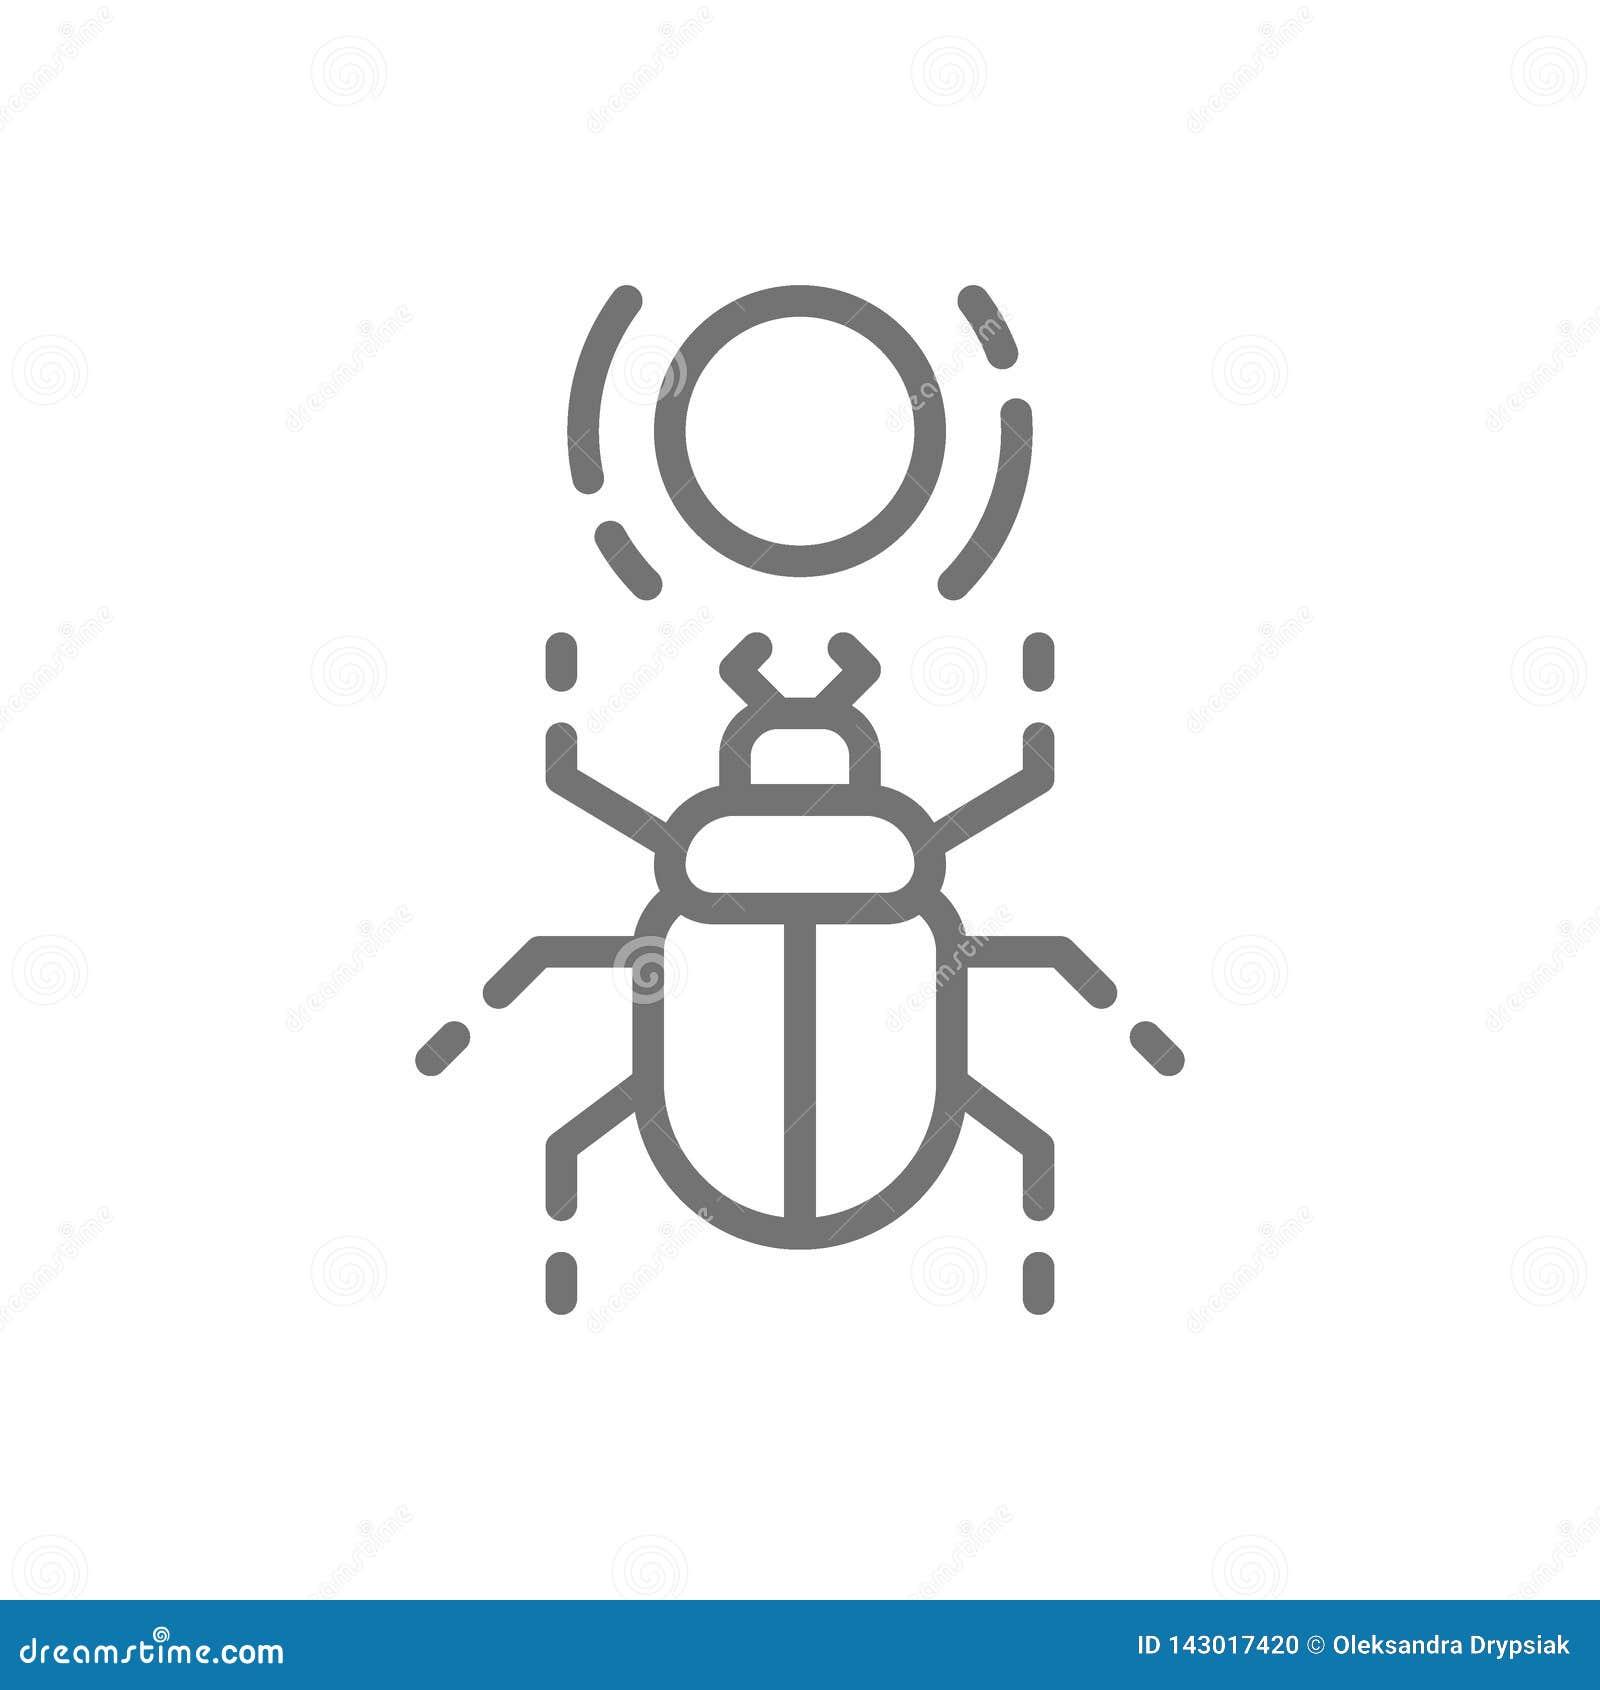 Αιγυπτιακό scarab, κάνθαρος, ιερό εικονίδιο γραμμών ζωύφιου